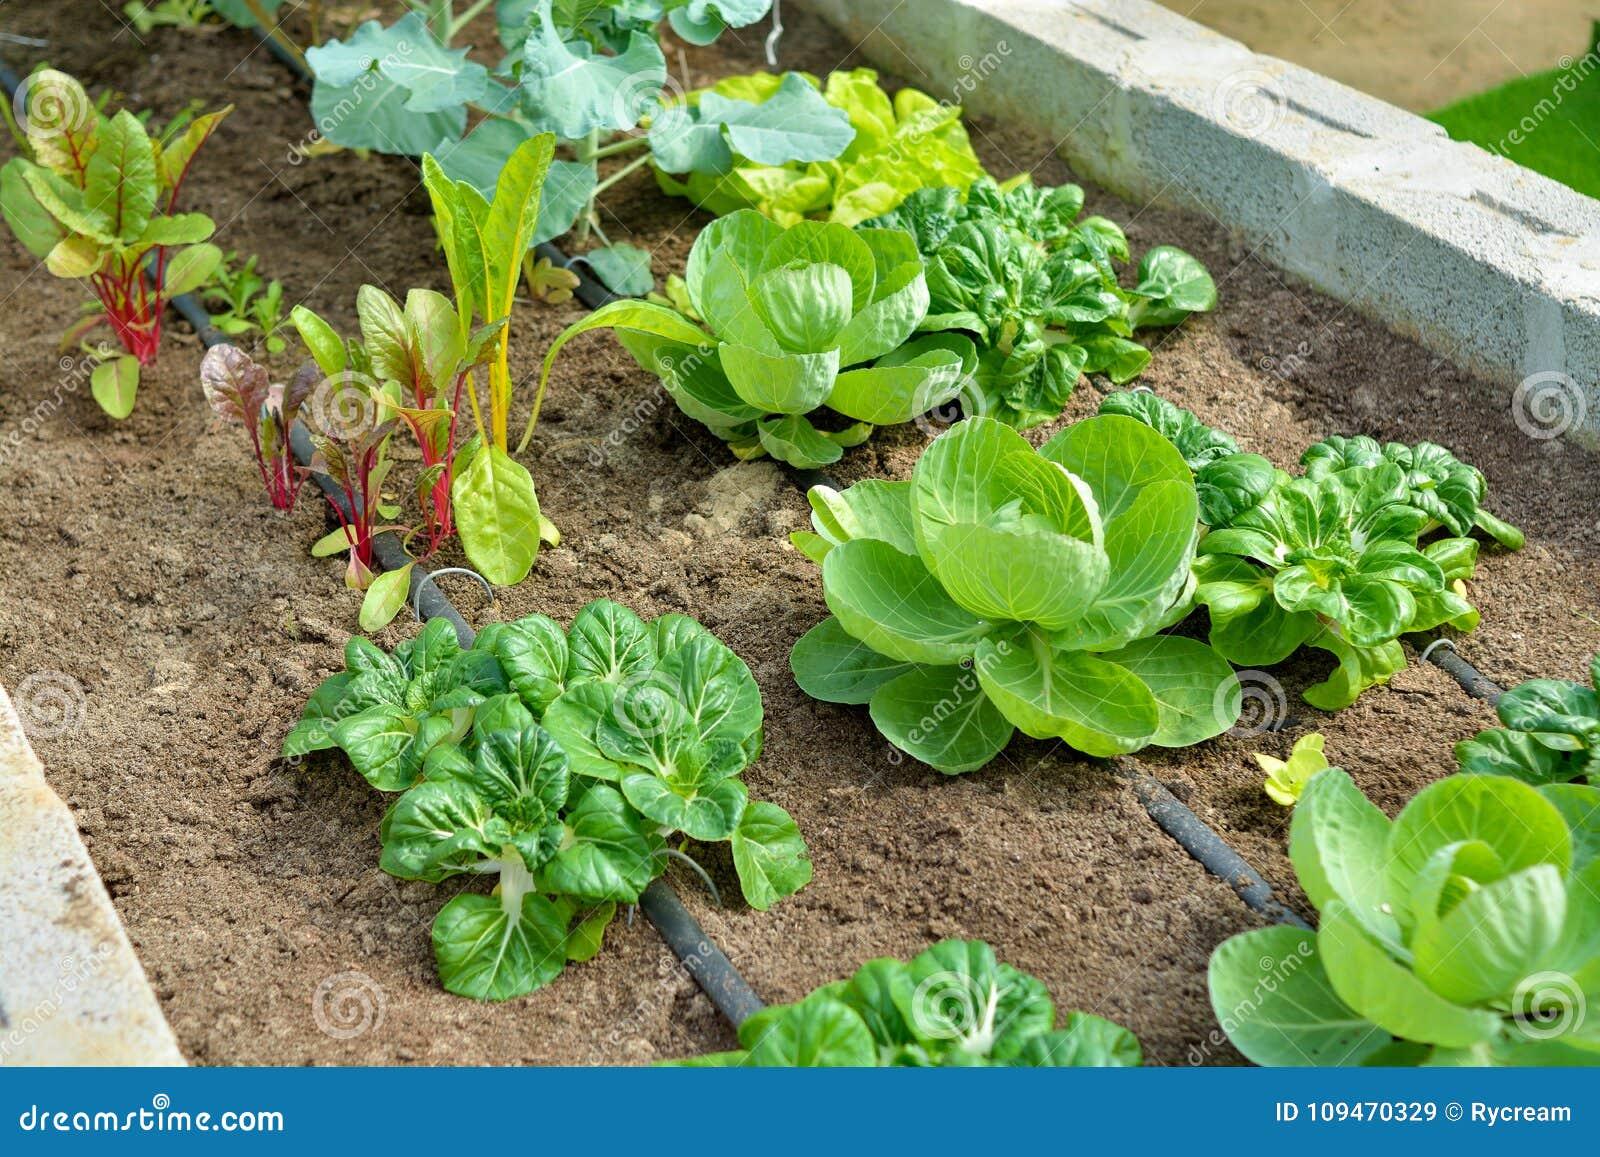 Orto organico con irrigazione a goccia